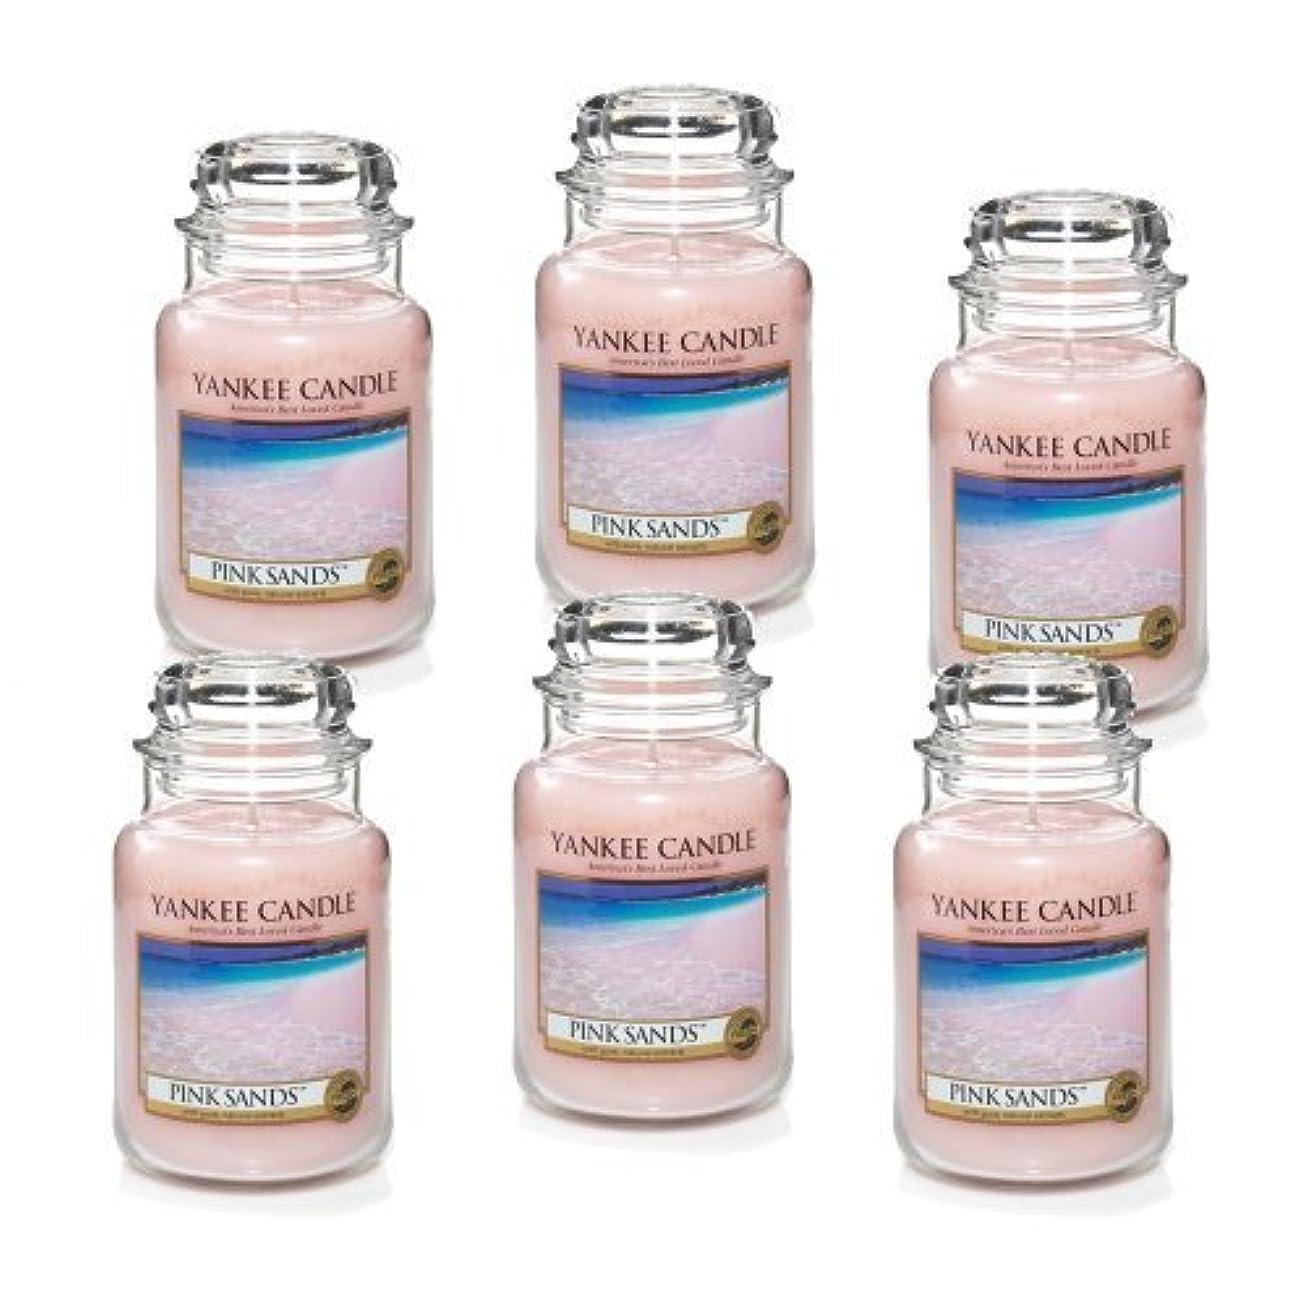 スラダムマークされたぬるいYankee Candle Company 22-Ounce Pink Sands Jar Candle, Large, Set of 6 by Amazon source [並行輸入品]